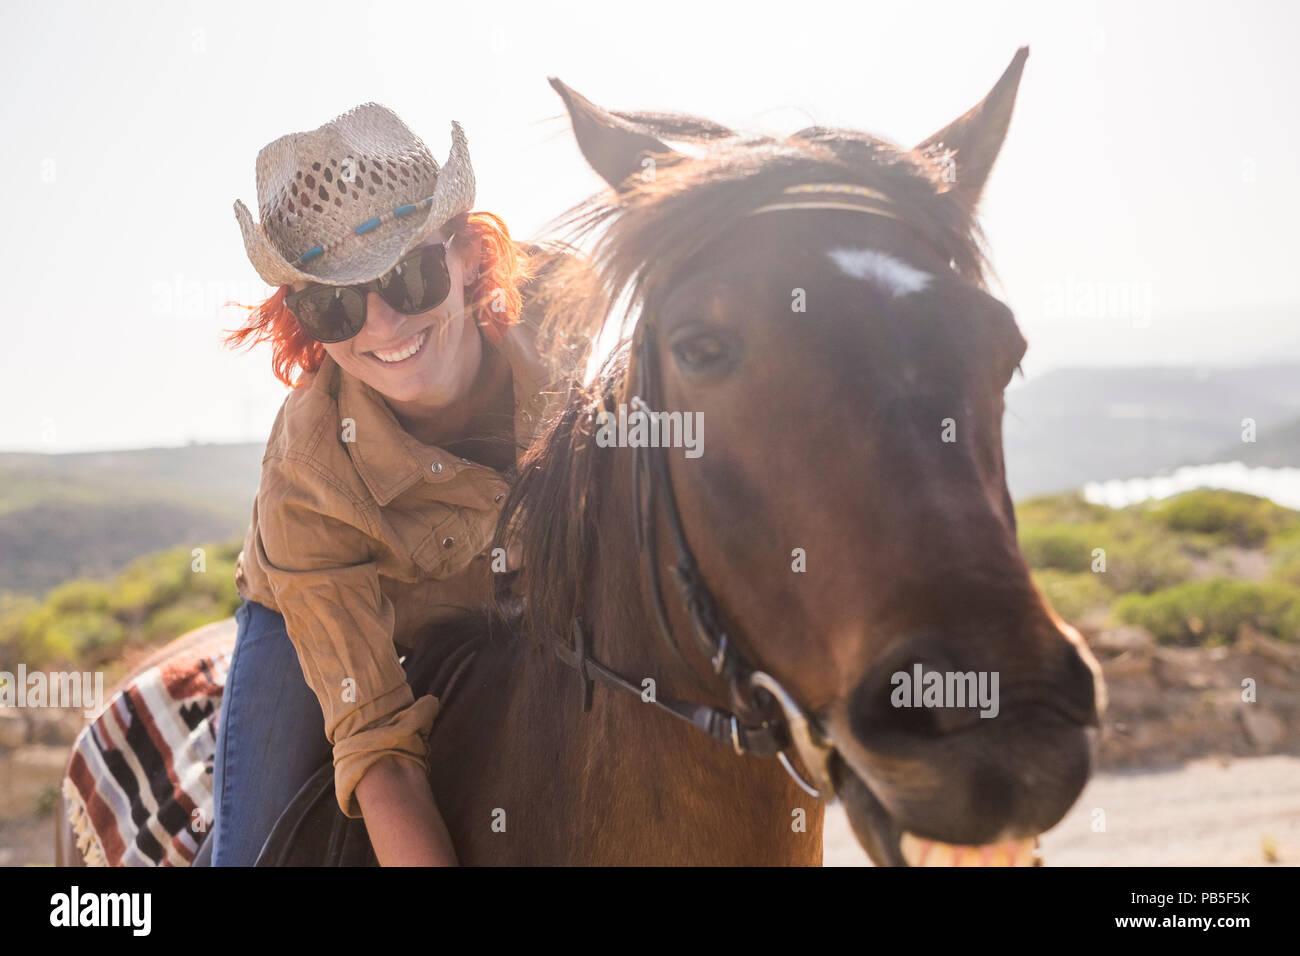 Hermosa joven alegre y disfrutar de su paseo a caballo lindo marrón en amistad y relación. amante de los animales y la terapia con mascotas concepto y va de viaje. Imagen De Stock